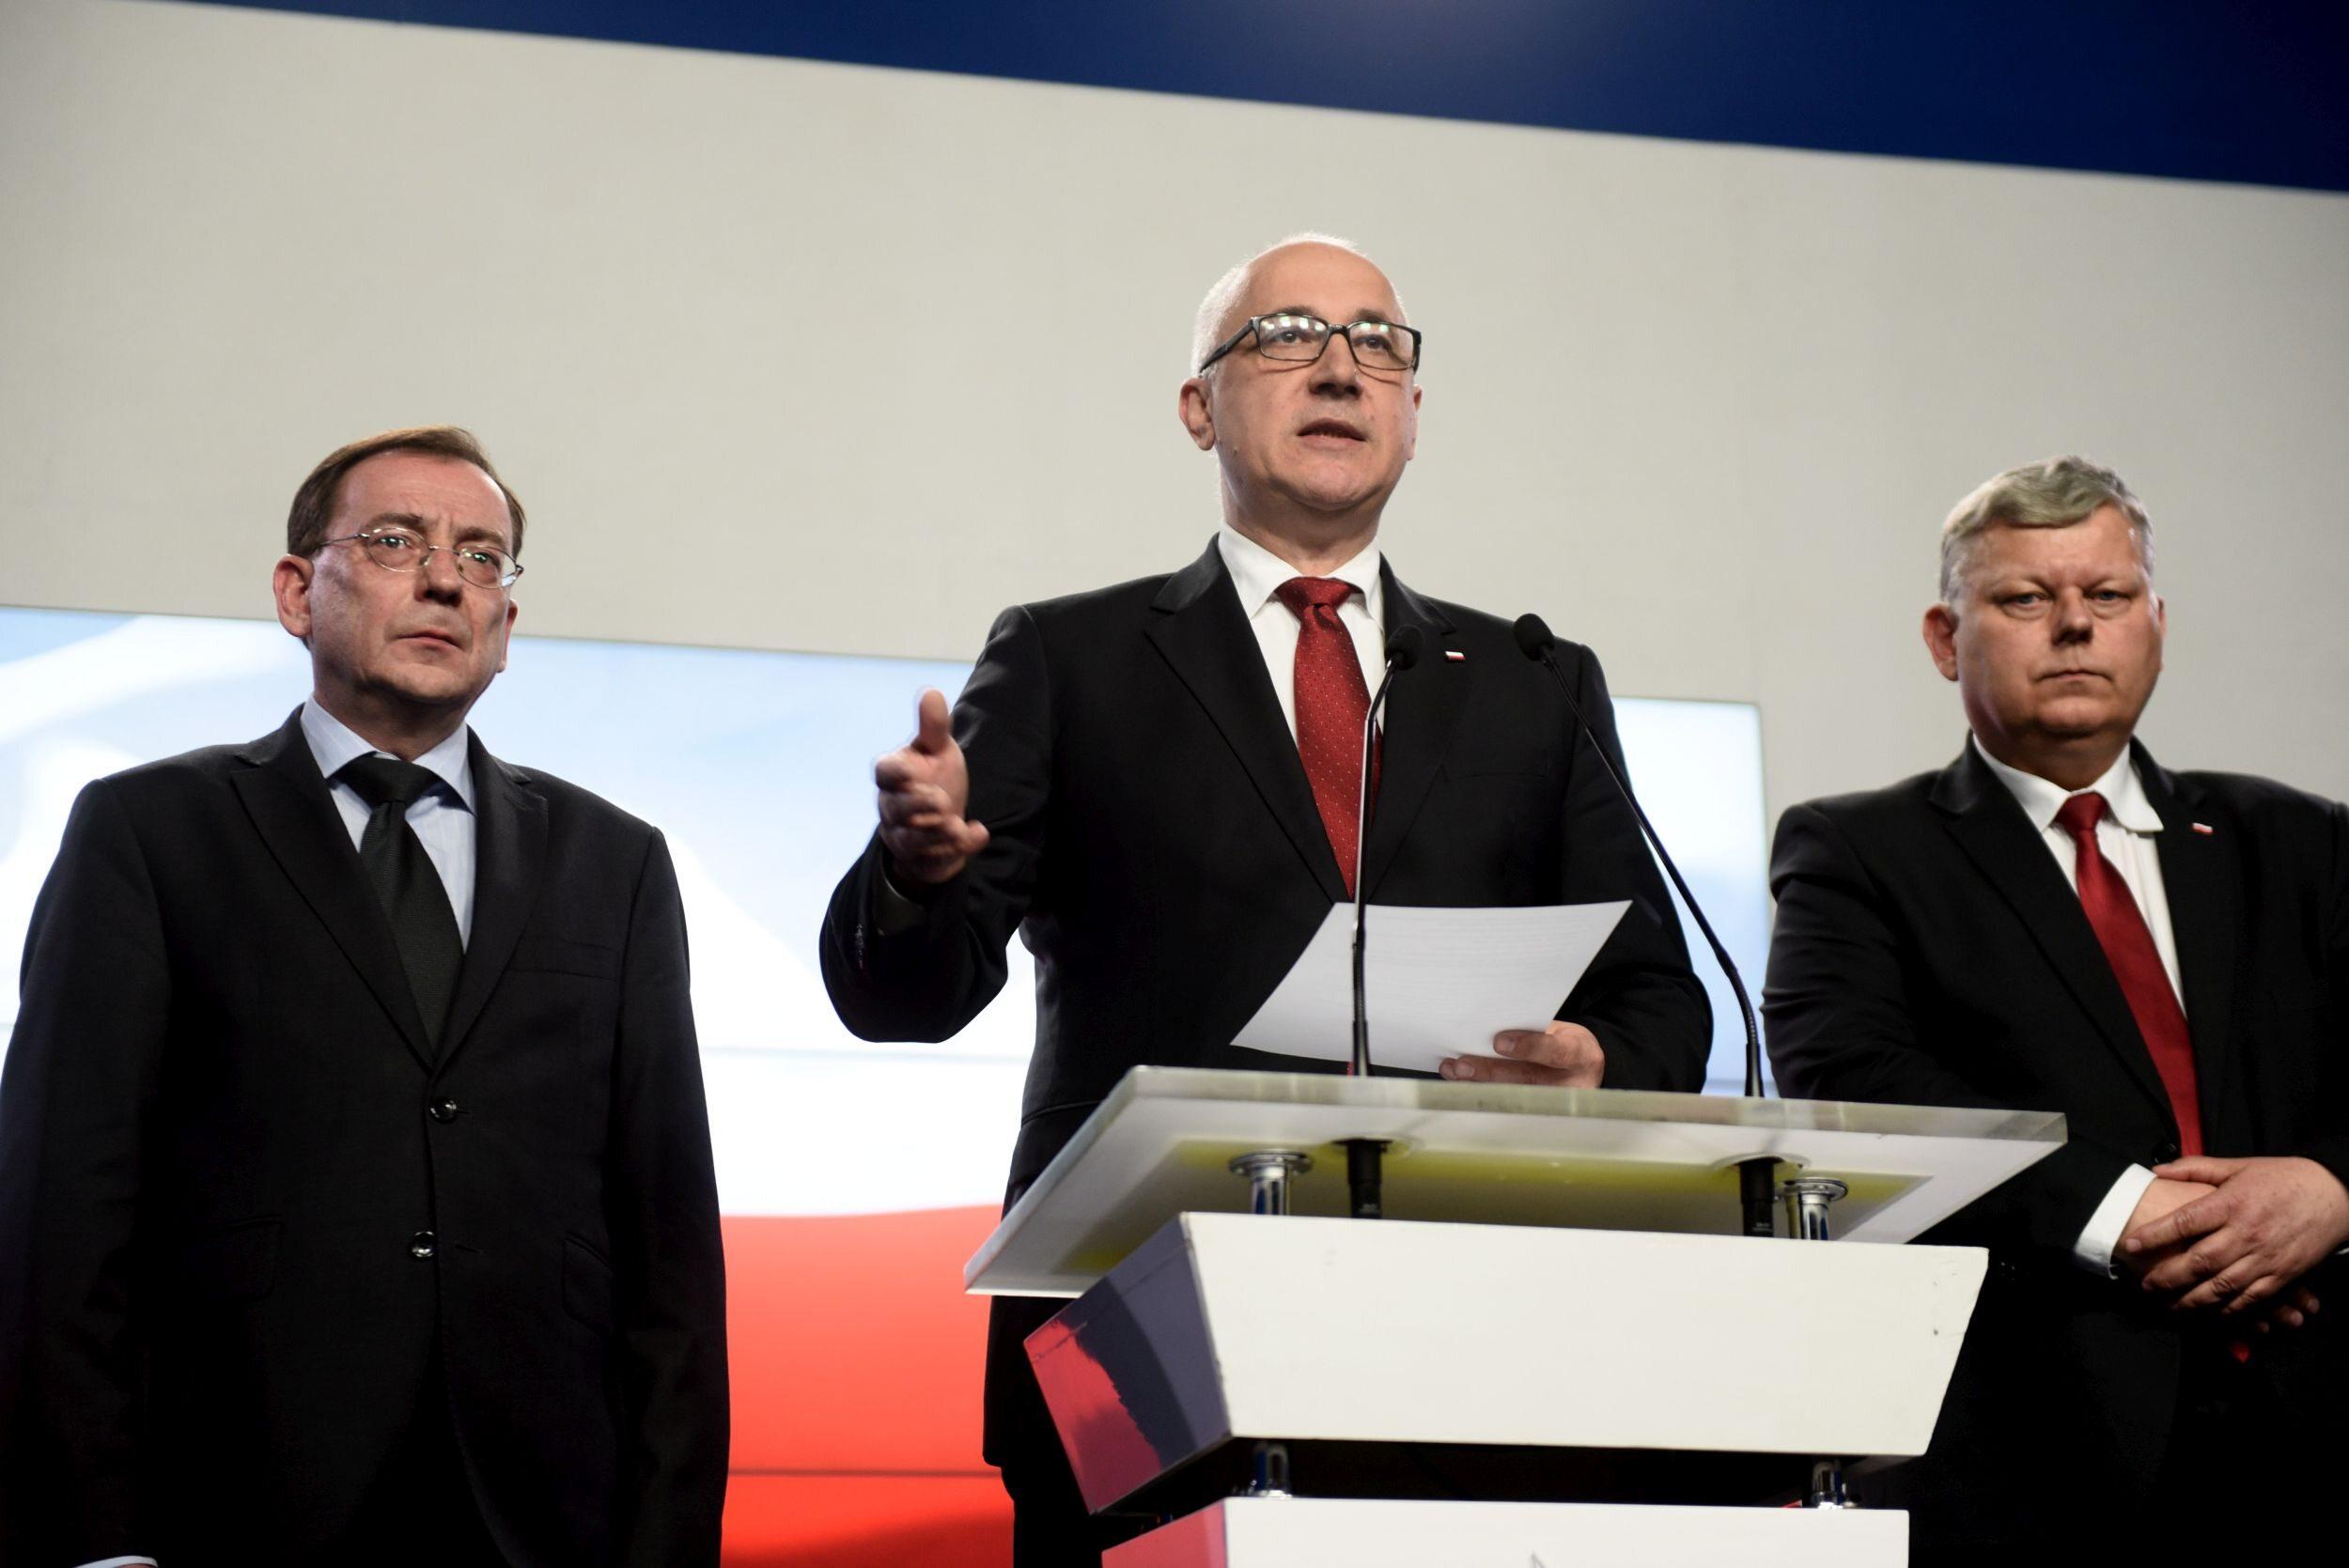 Mariusz Kamiński, Joachim Brudziński i Marek Suski